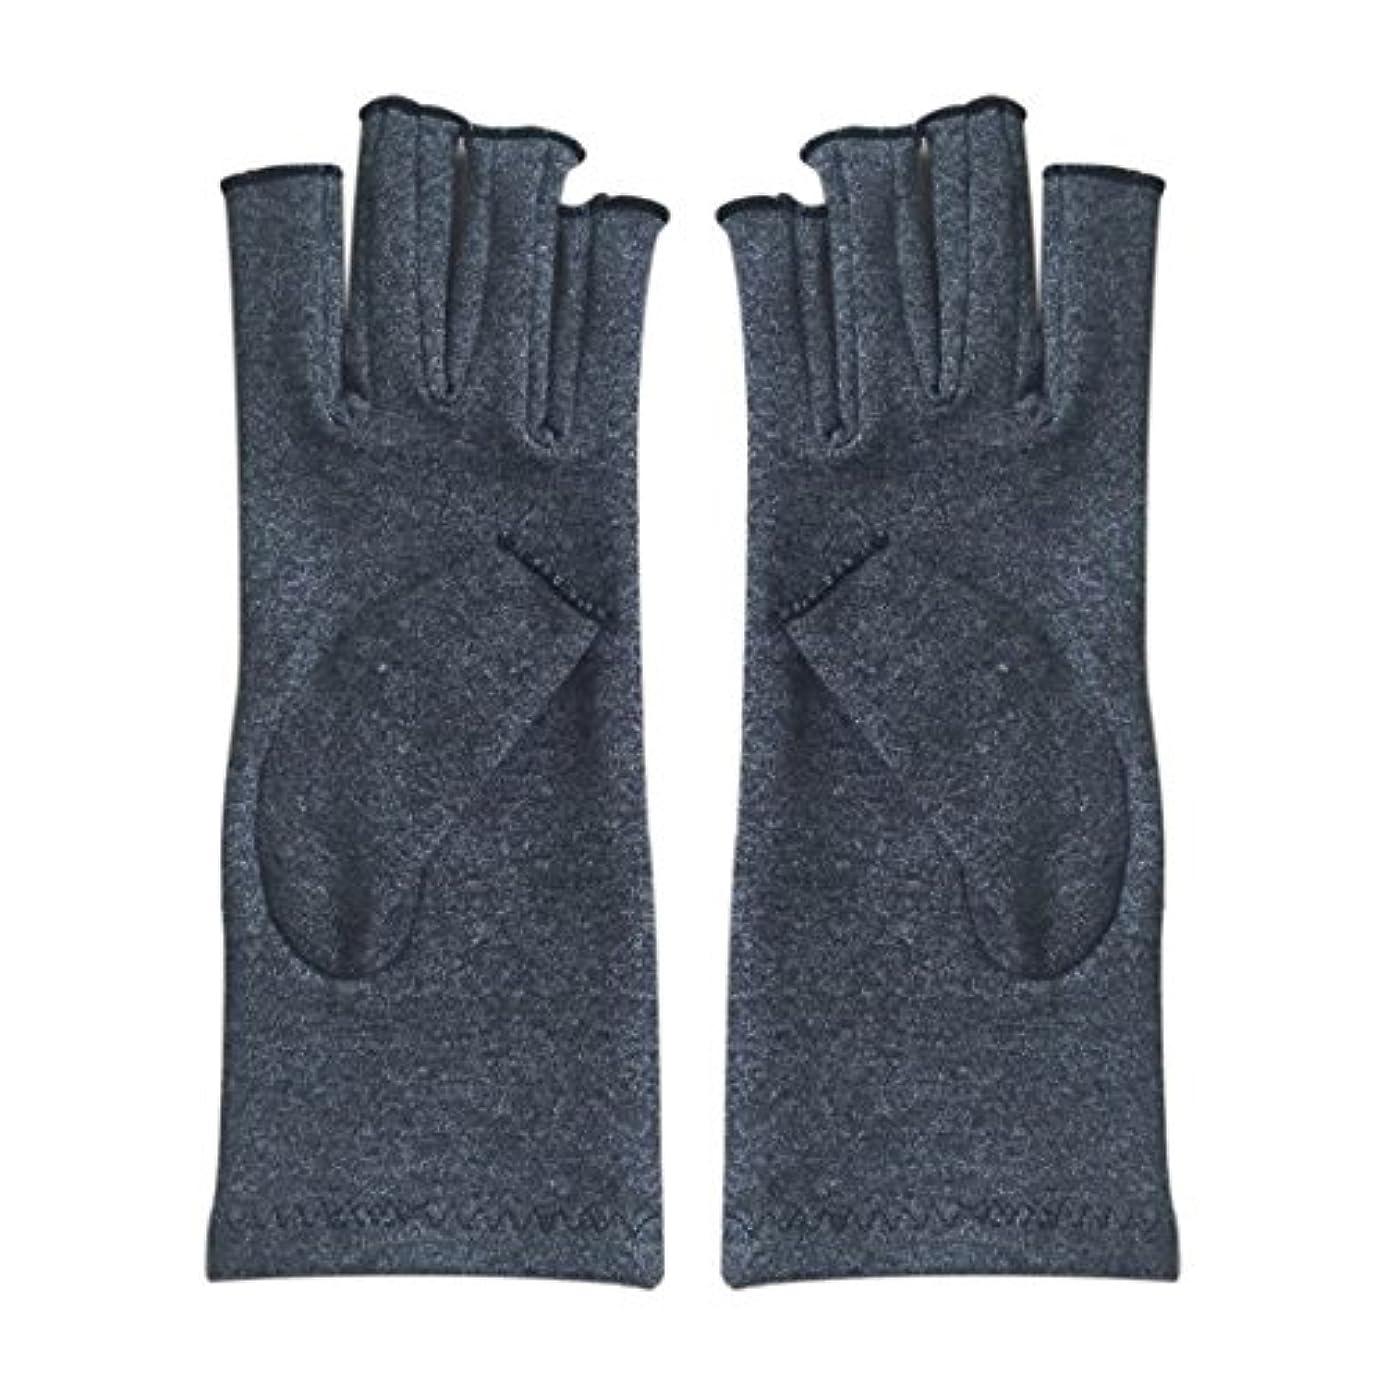 悲しいことに規定探すACAMPTAR 1ペア成人男性女性用弾性コットンコンプレッション手袋手関節炎関節痛鎮痛軽減M - 灰色、M